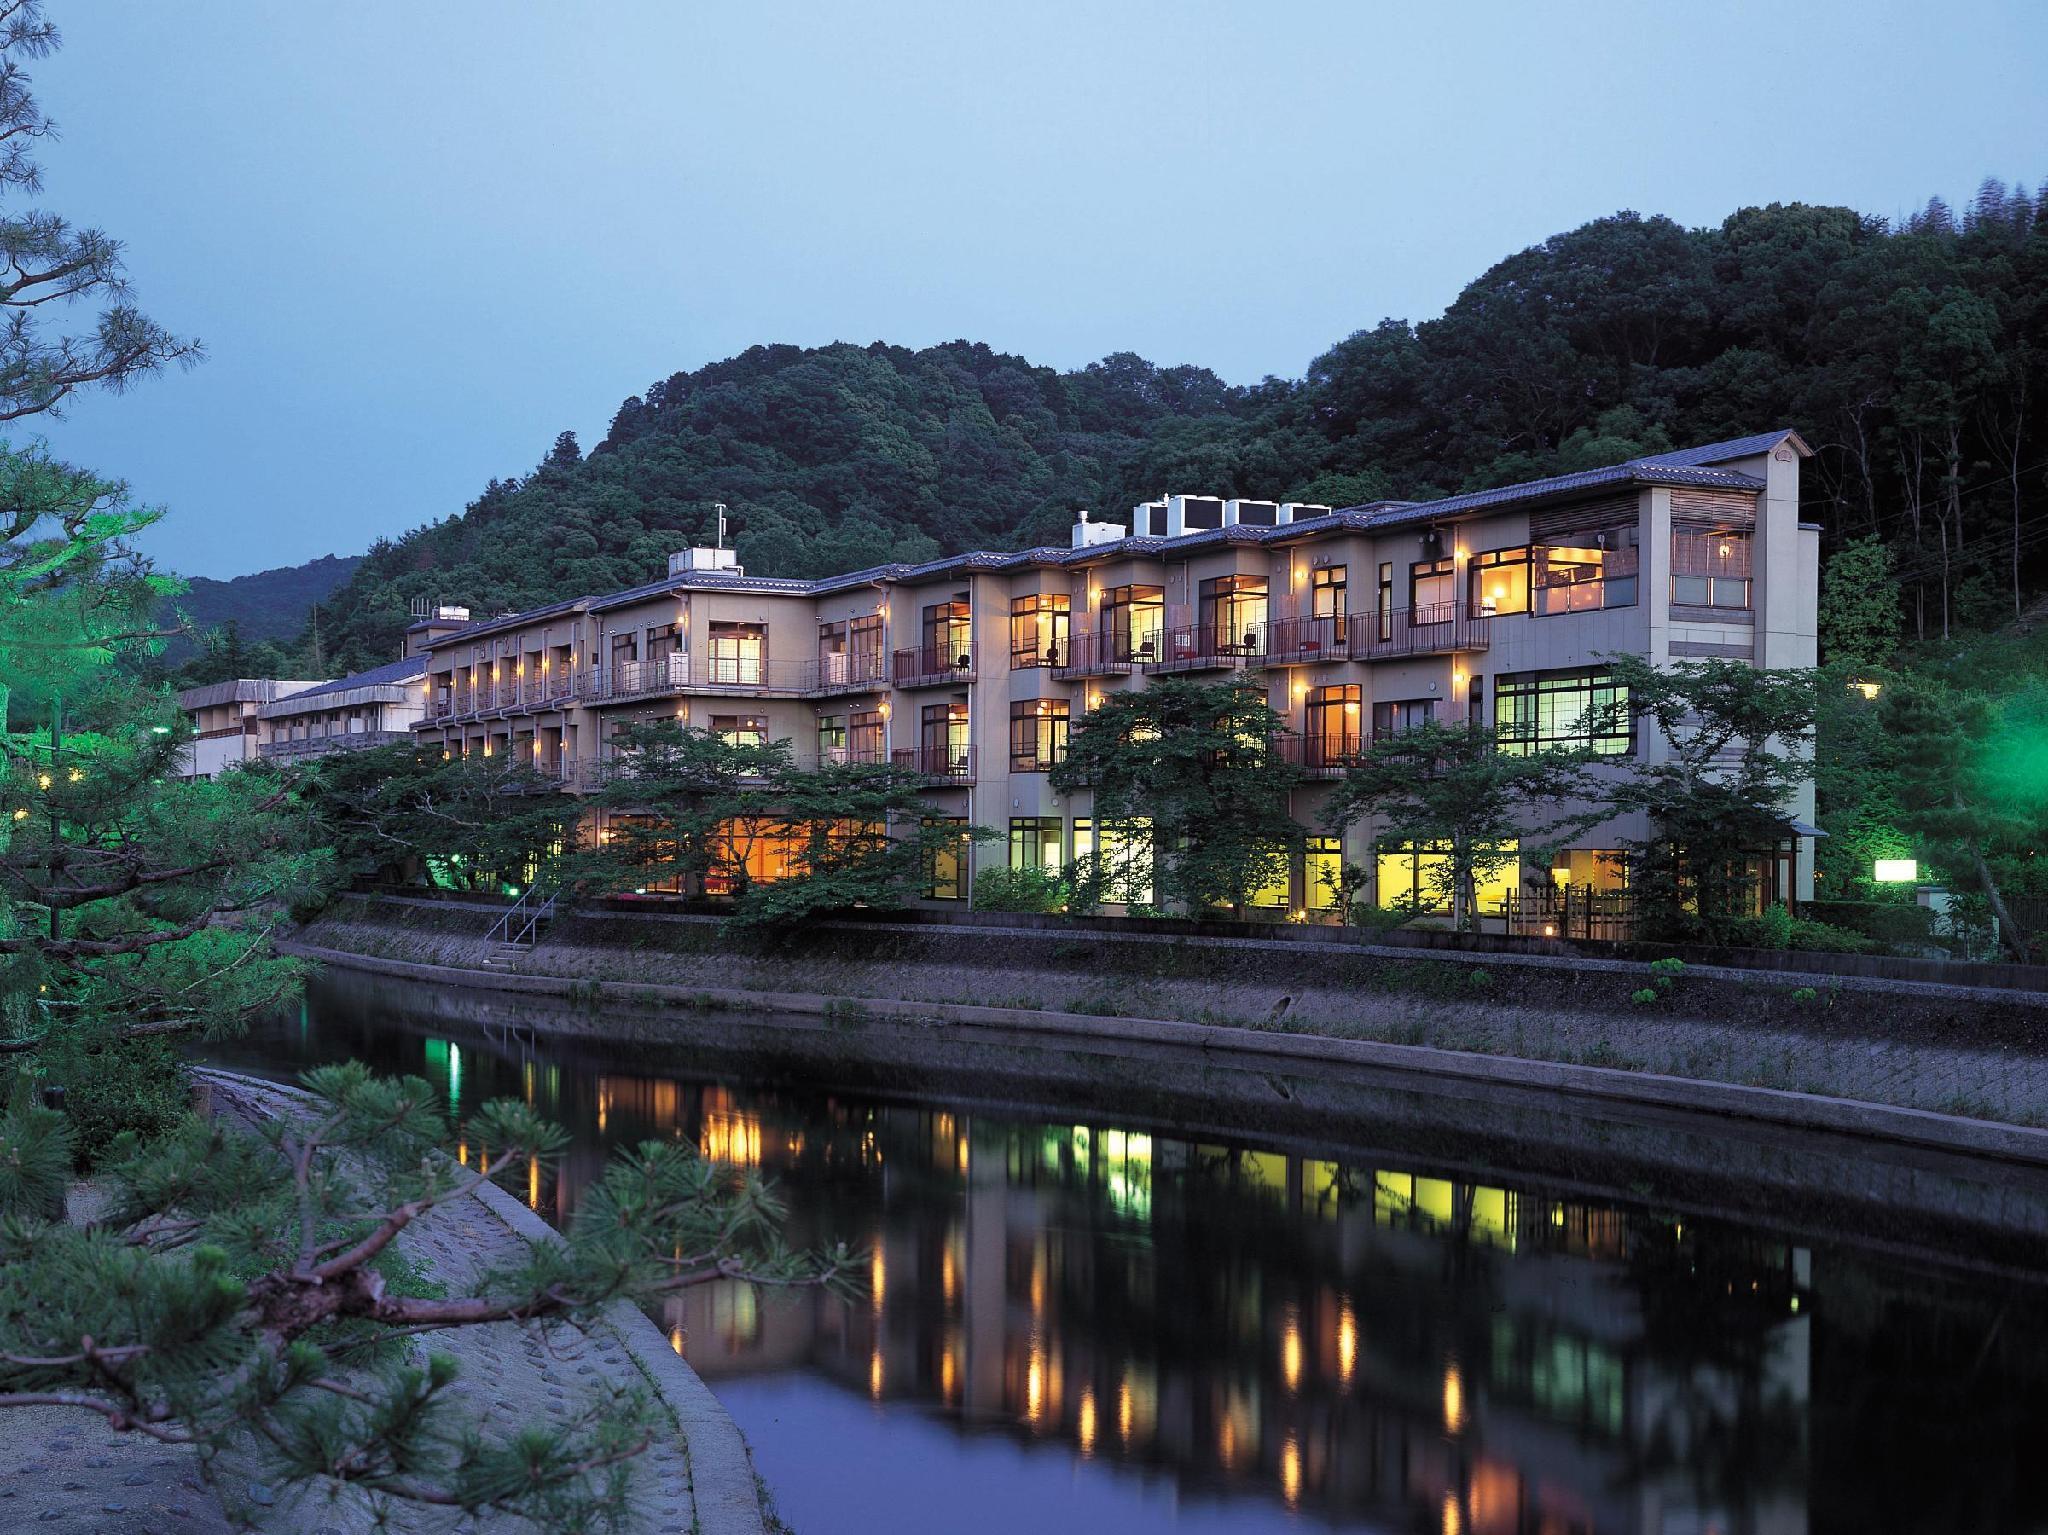 Kyoto Uji Hanayashiki Ukifune-en - Kyoto